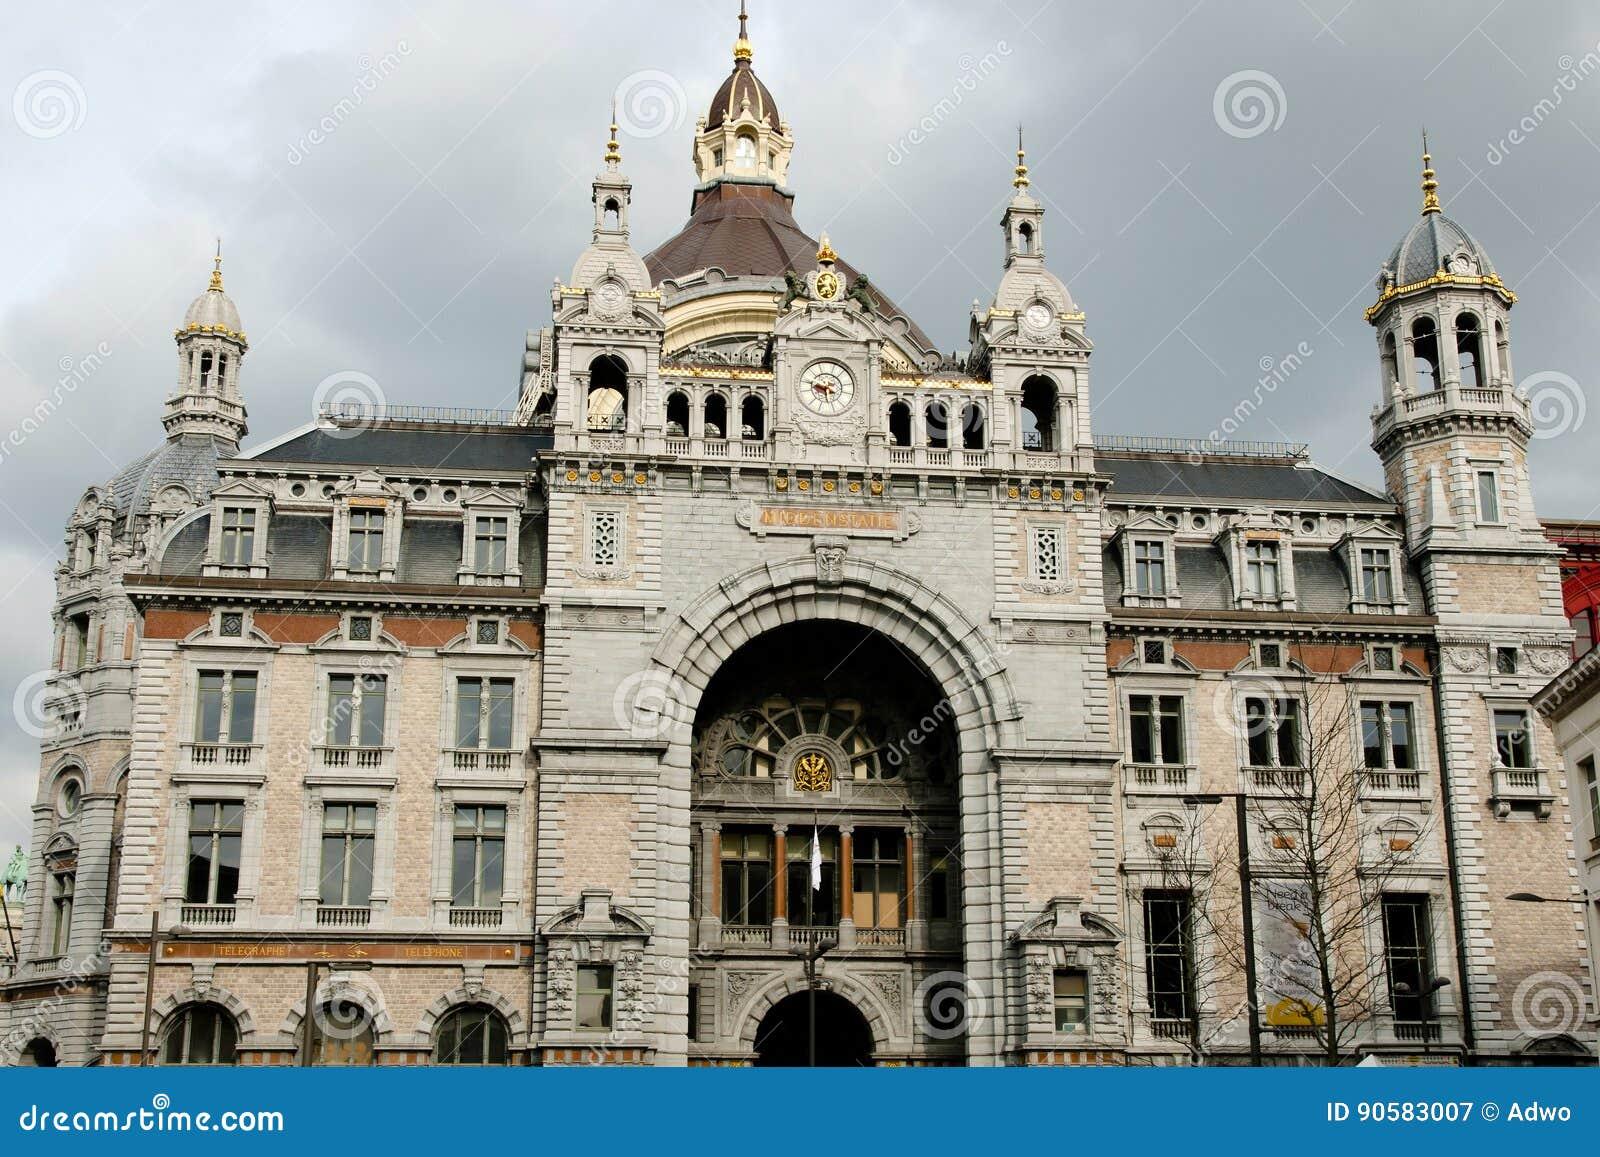 Κεντρικός σιδηροδρομικός σταθμός - Αμβέρσα - Βέλγιο